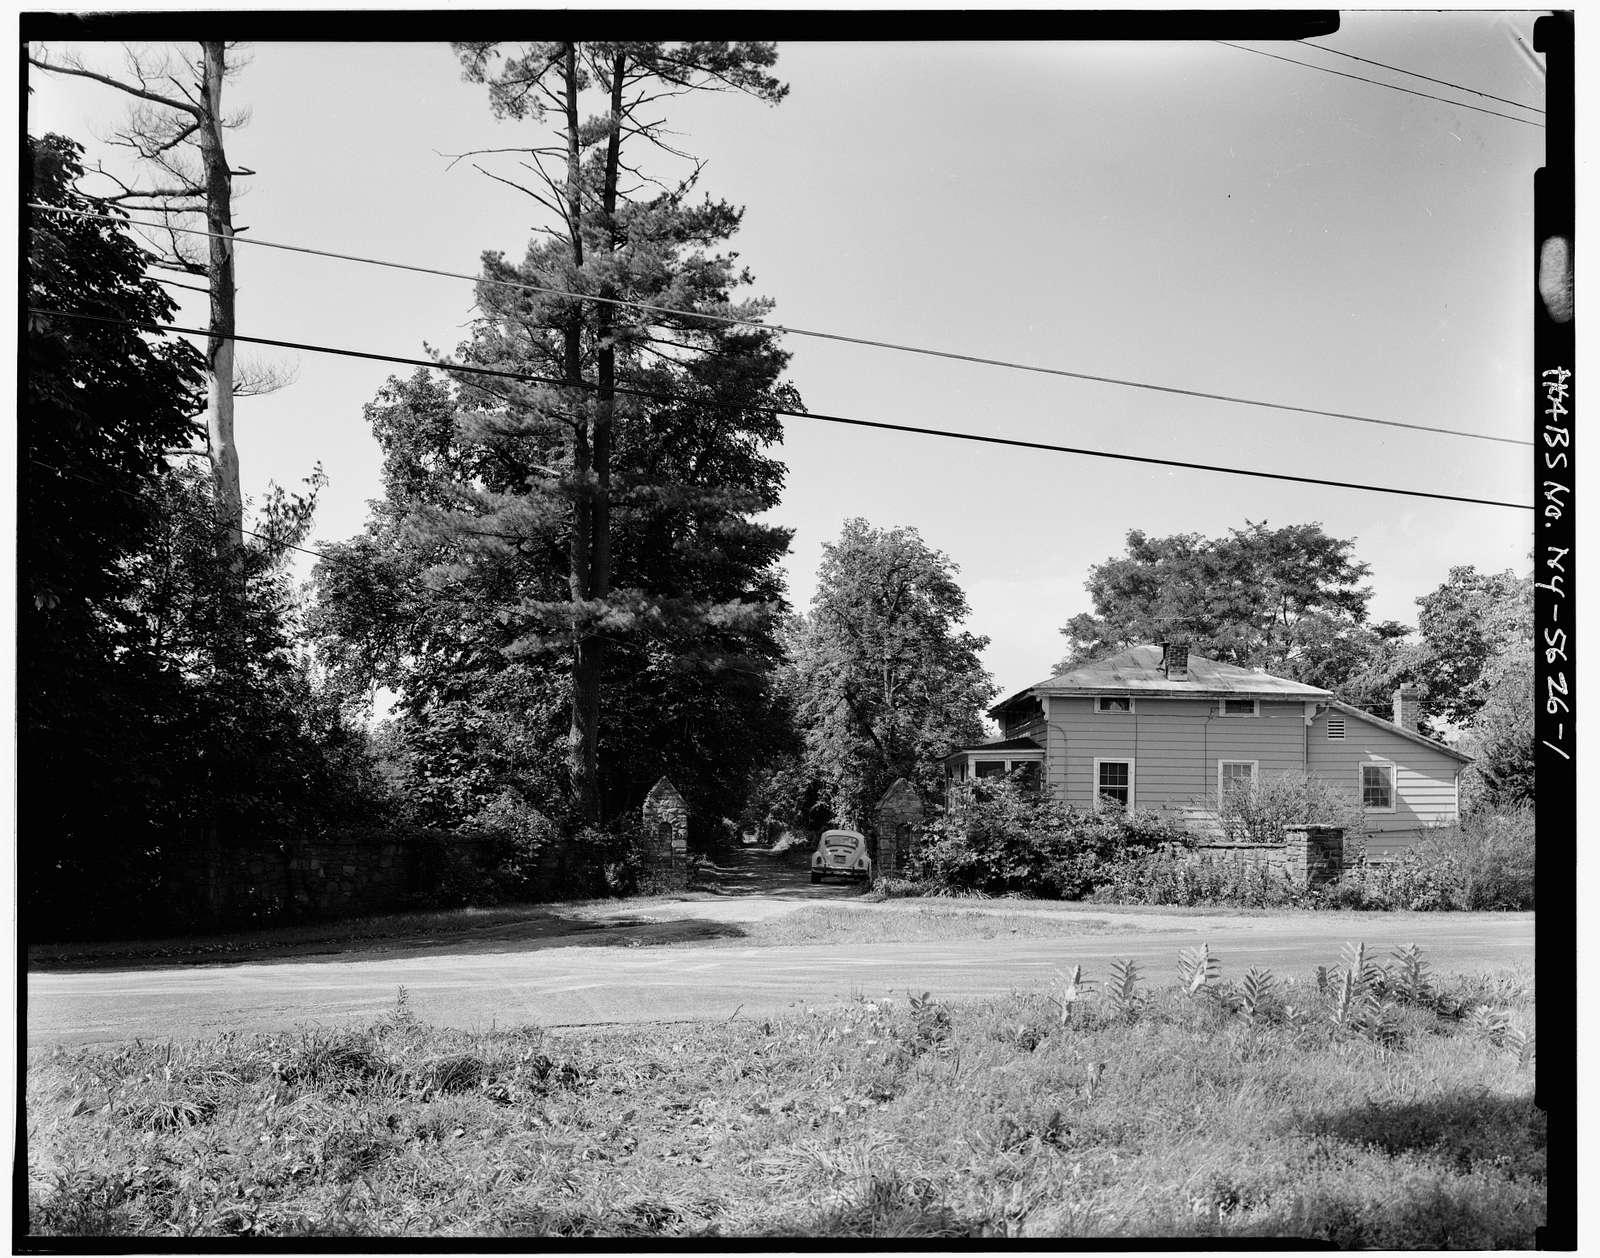 Rose Hill, Woods Road, Tivoli, Dutchess County, NY